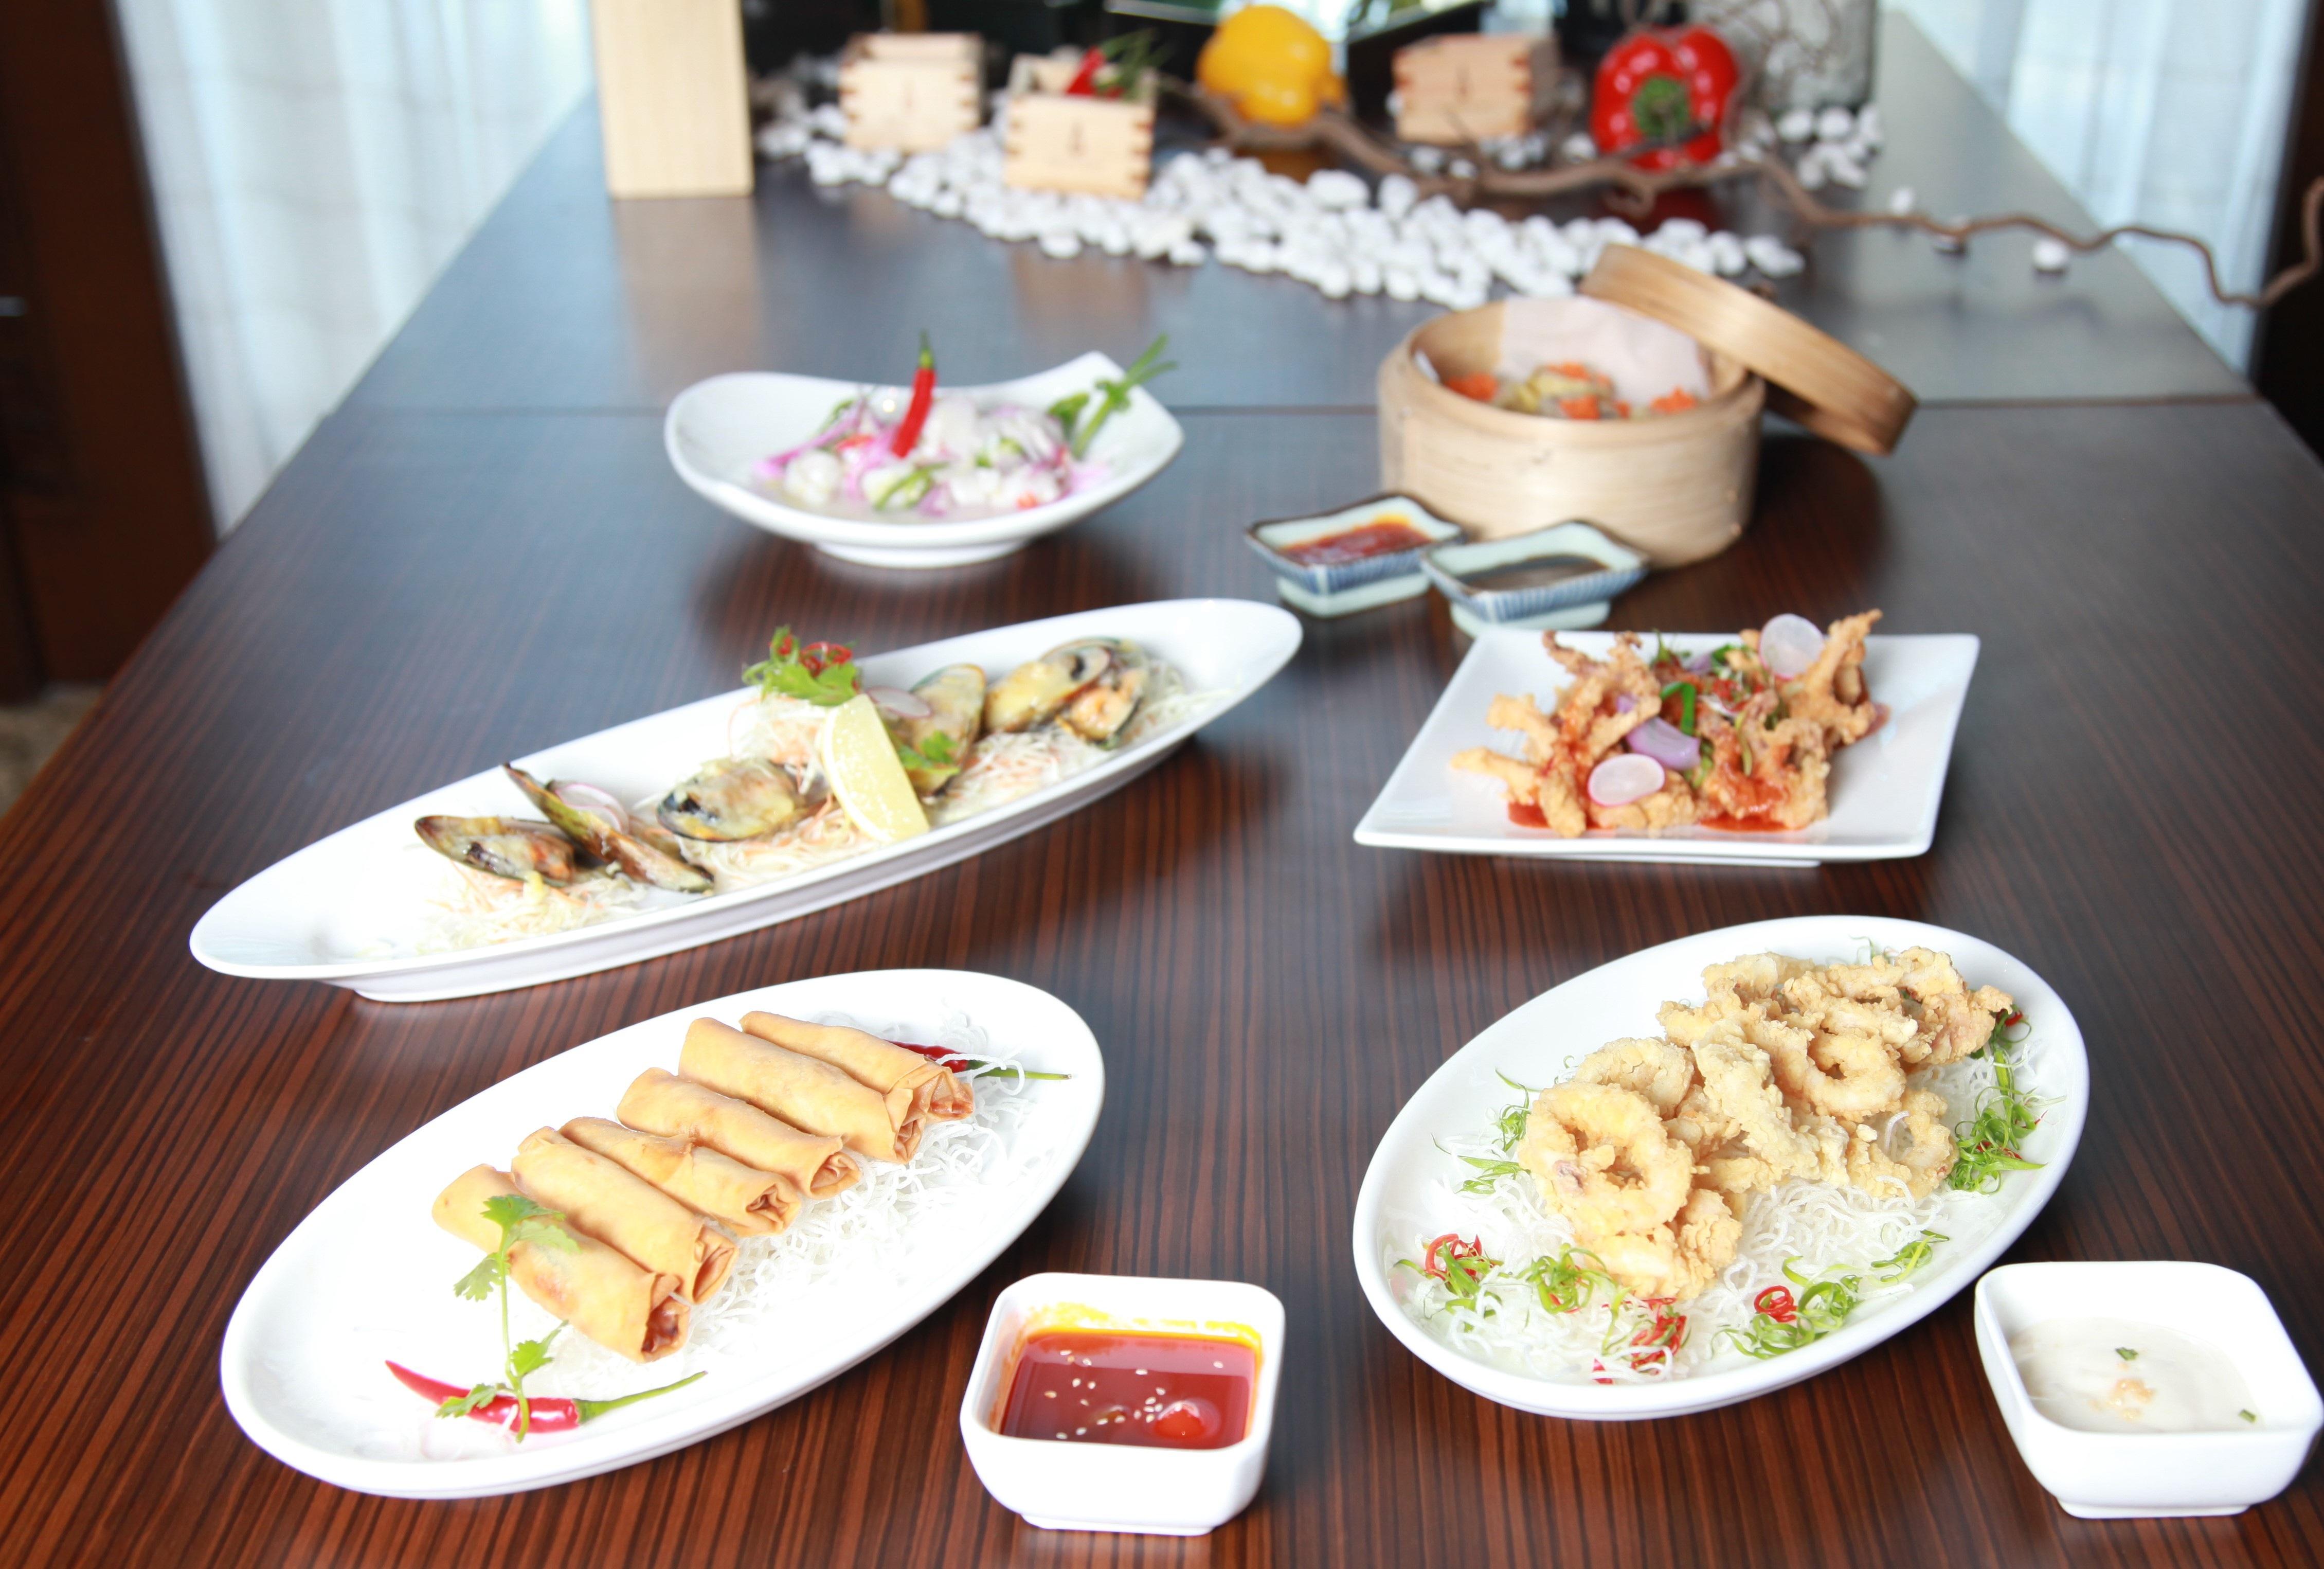 Kostenlose foto : Tabelle, Restaurant, Feier, Dekoration, Gericht ...